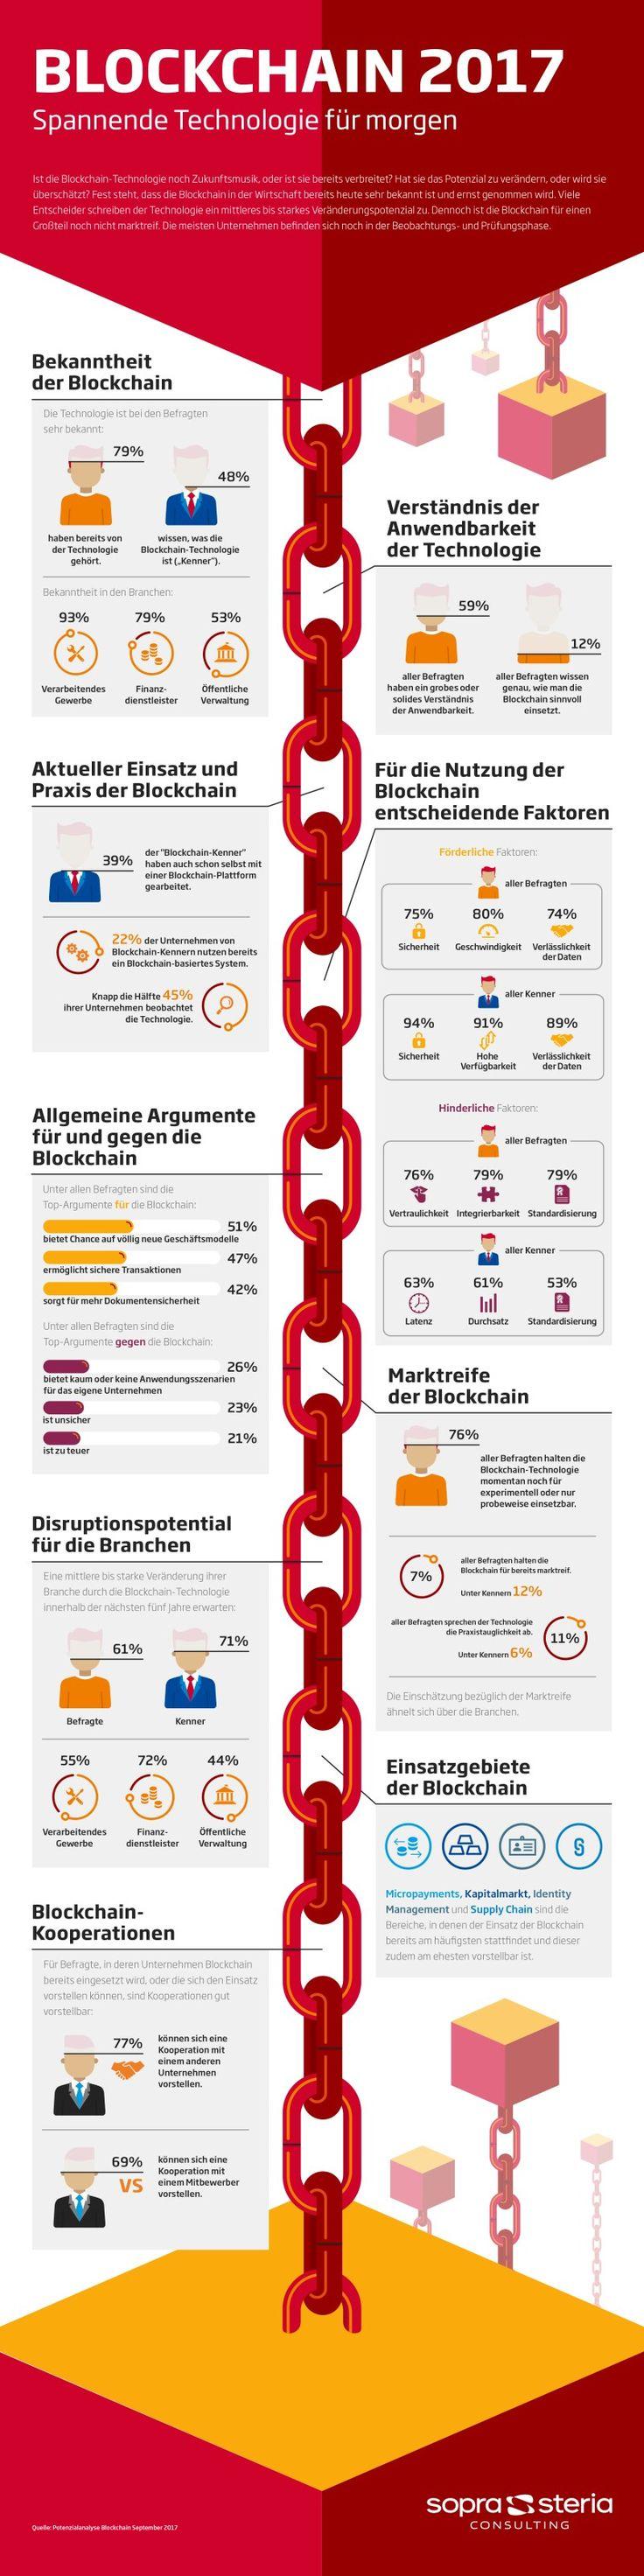 8 von 10 Unternehmen kennen Blockchain – aber nur 7 Prozent halten Technologie für marktreif – Michael Kroker